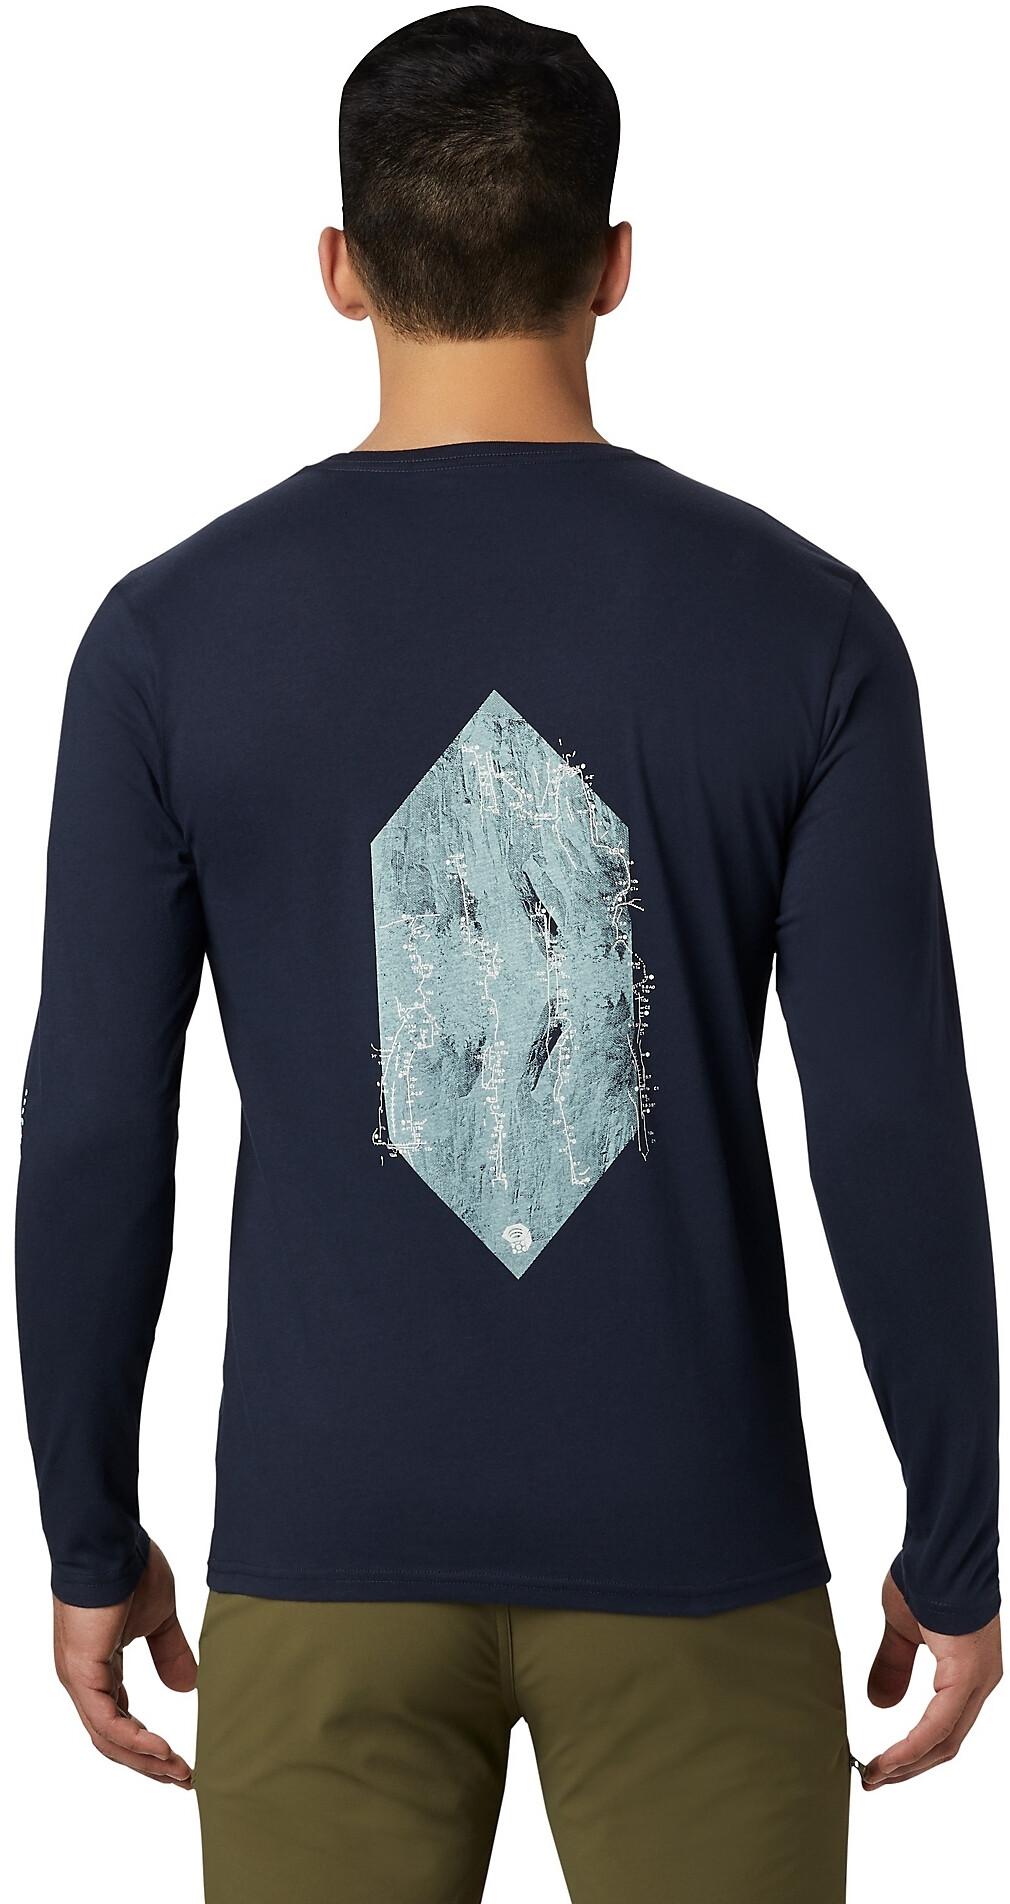 Mountain Hardwear Vertical Oriented Maglietta a maniche lunghe Uomo, dark zinc su Addnature CRm9f